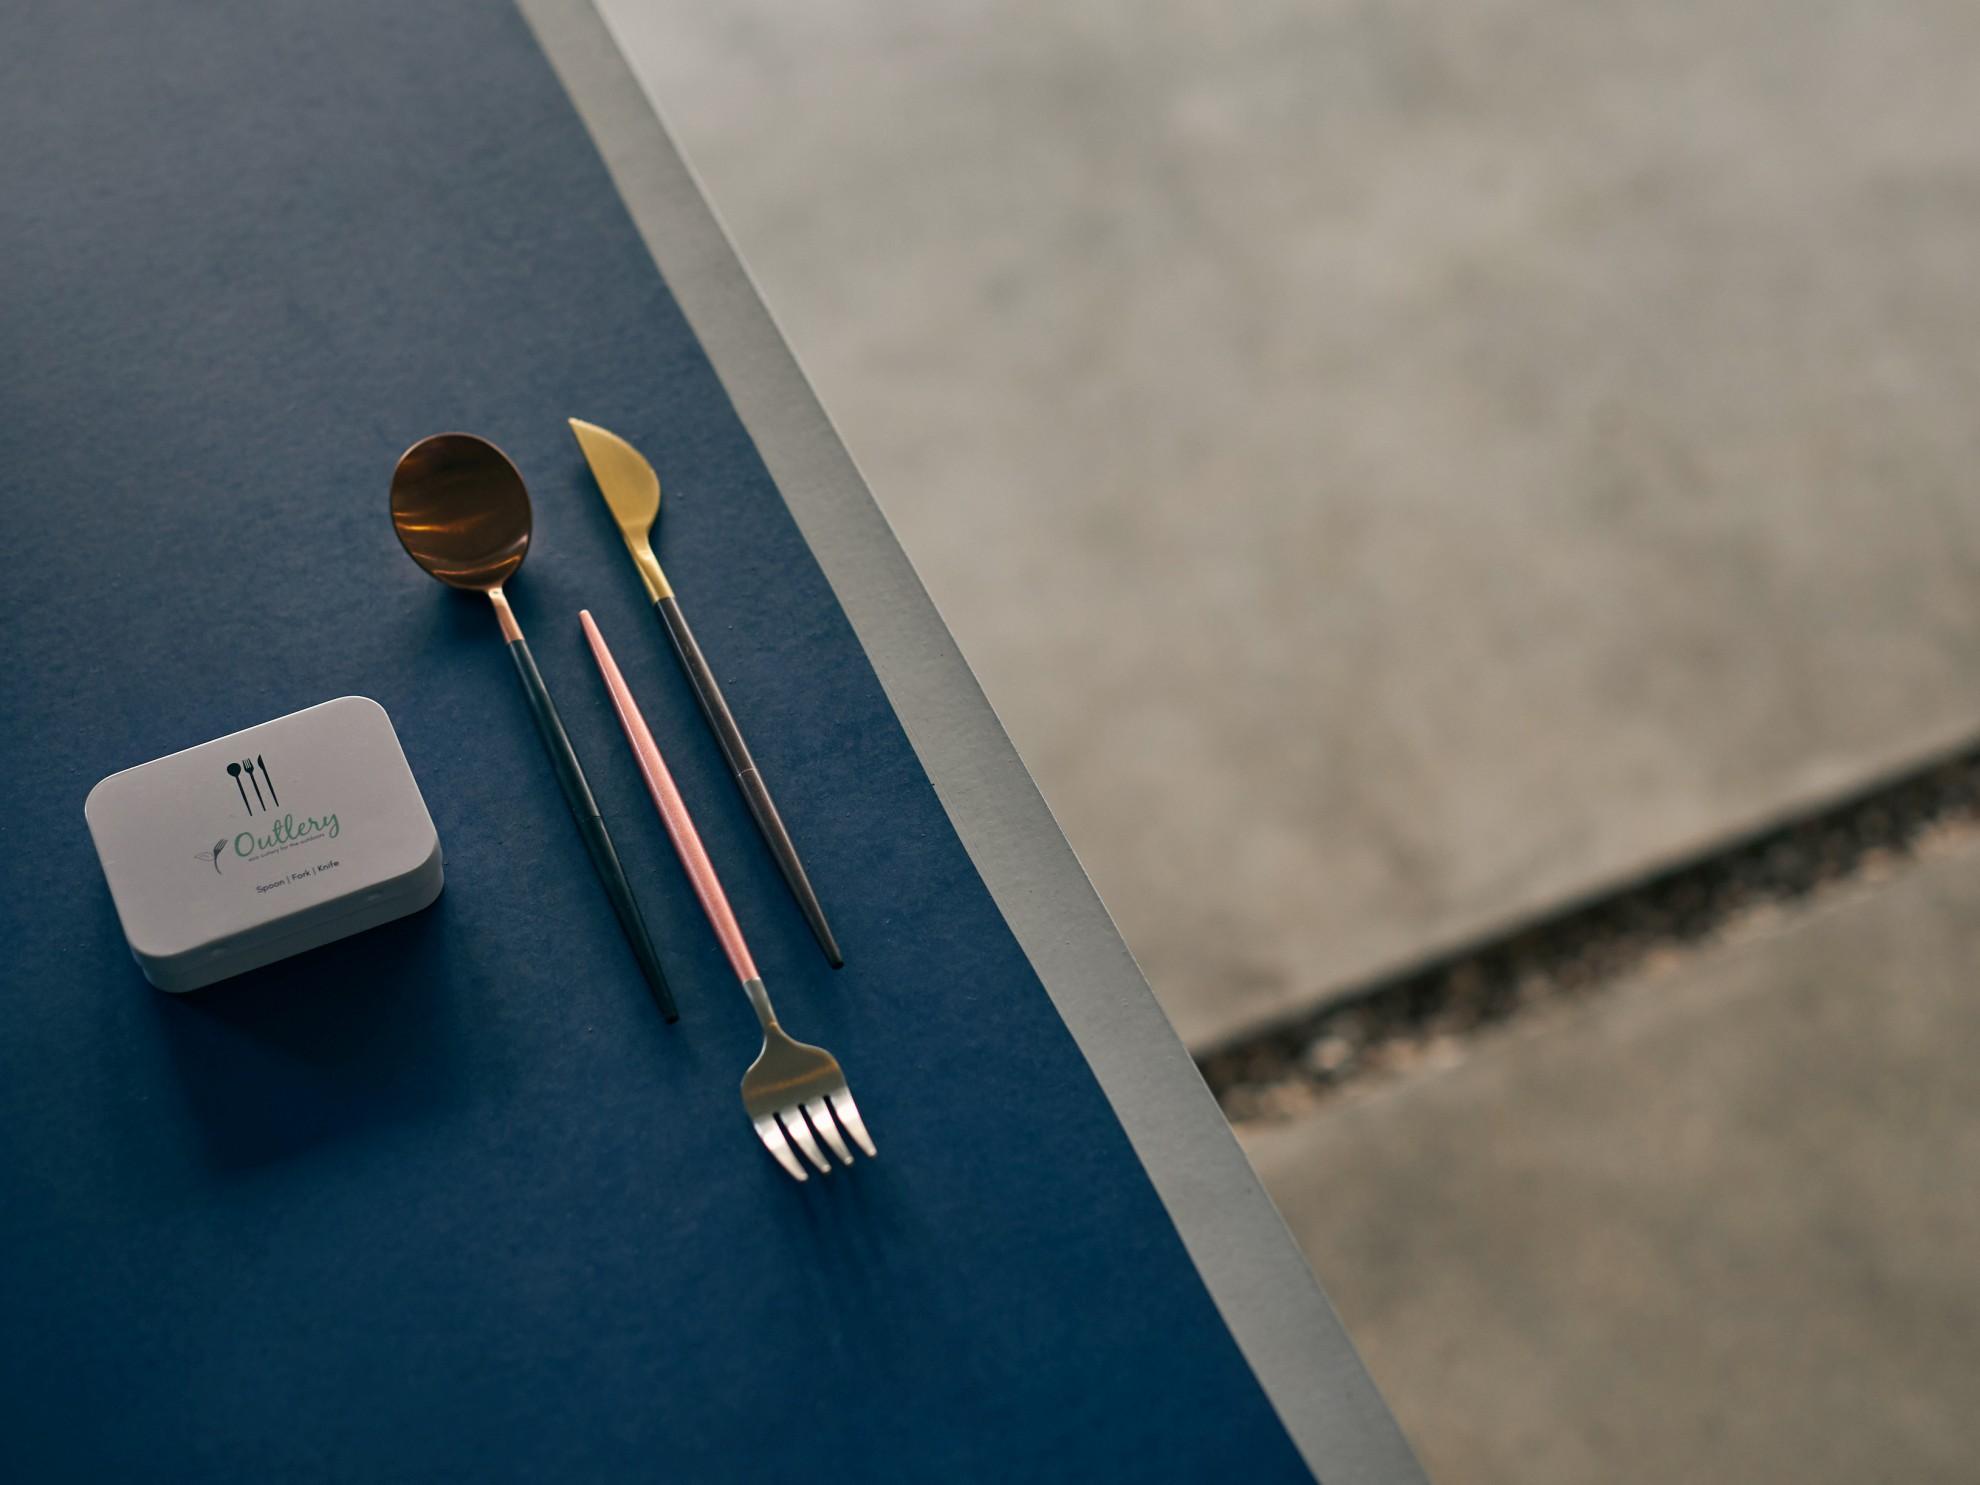 Praktisches Besteck aus Edelstahl zum Zusammenschrauben. (Foto: Outlery)